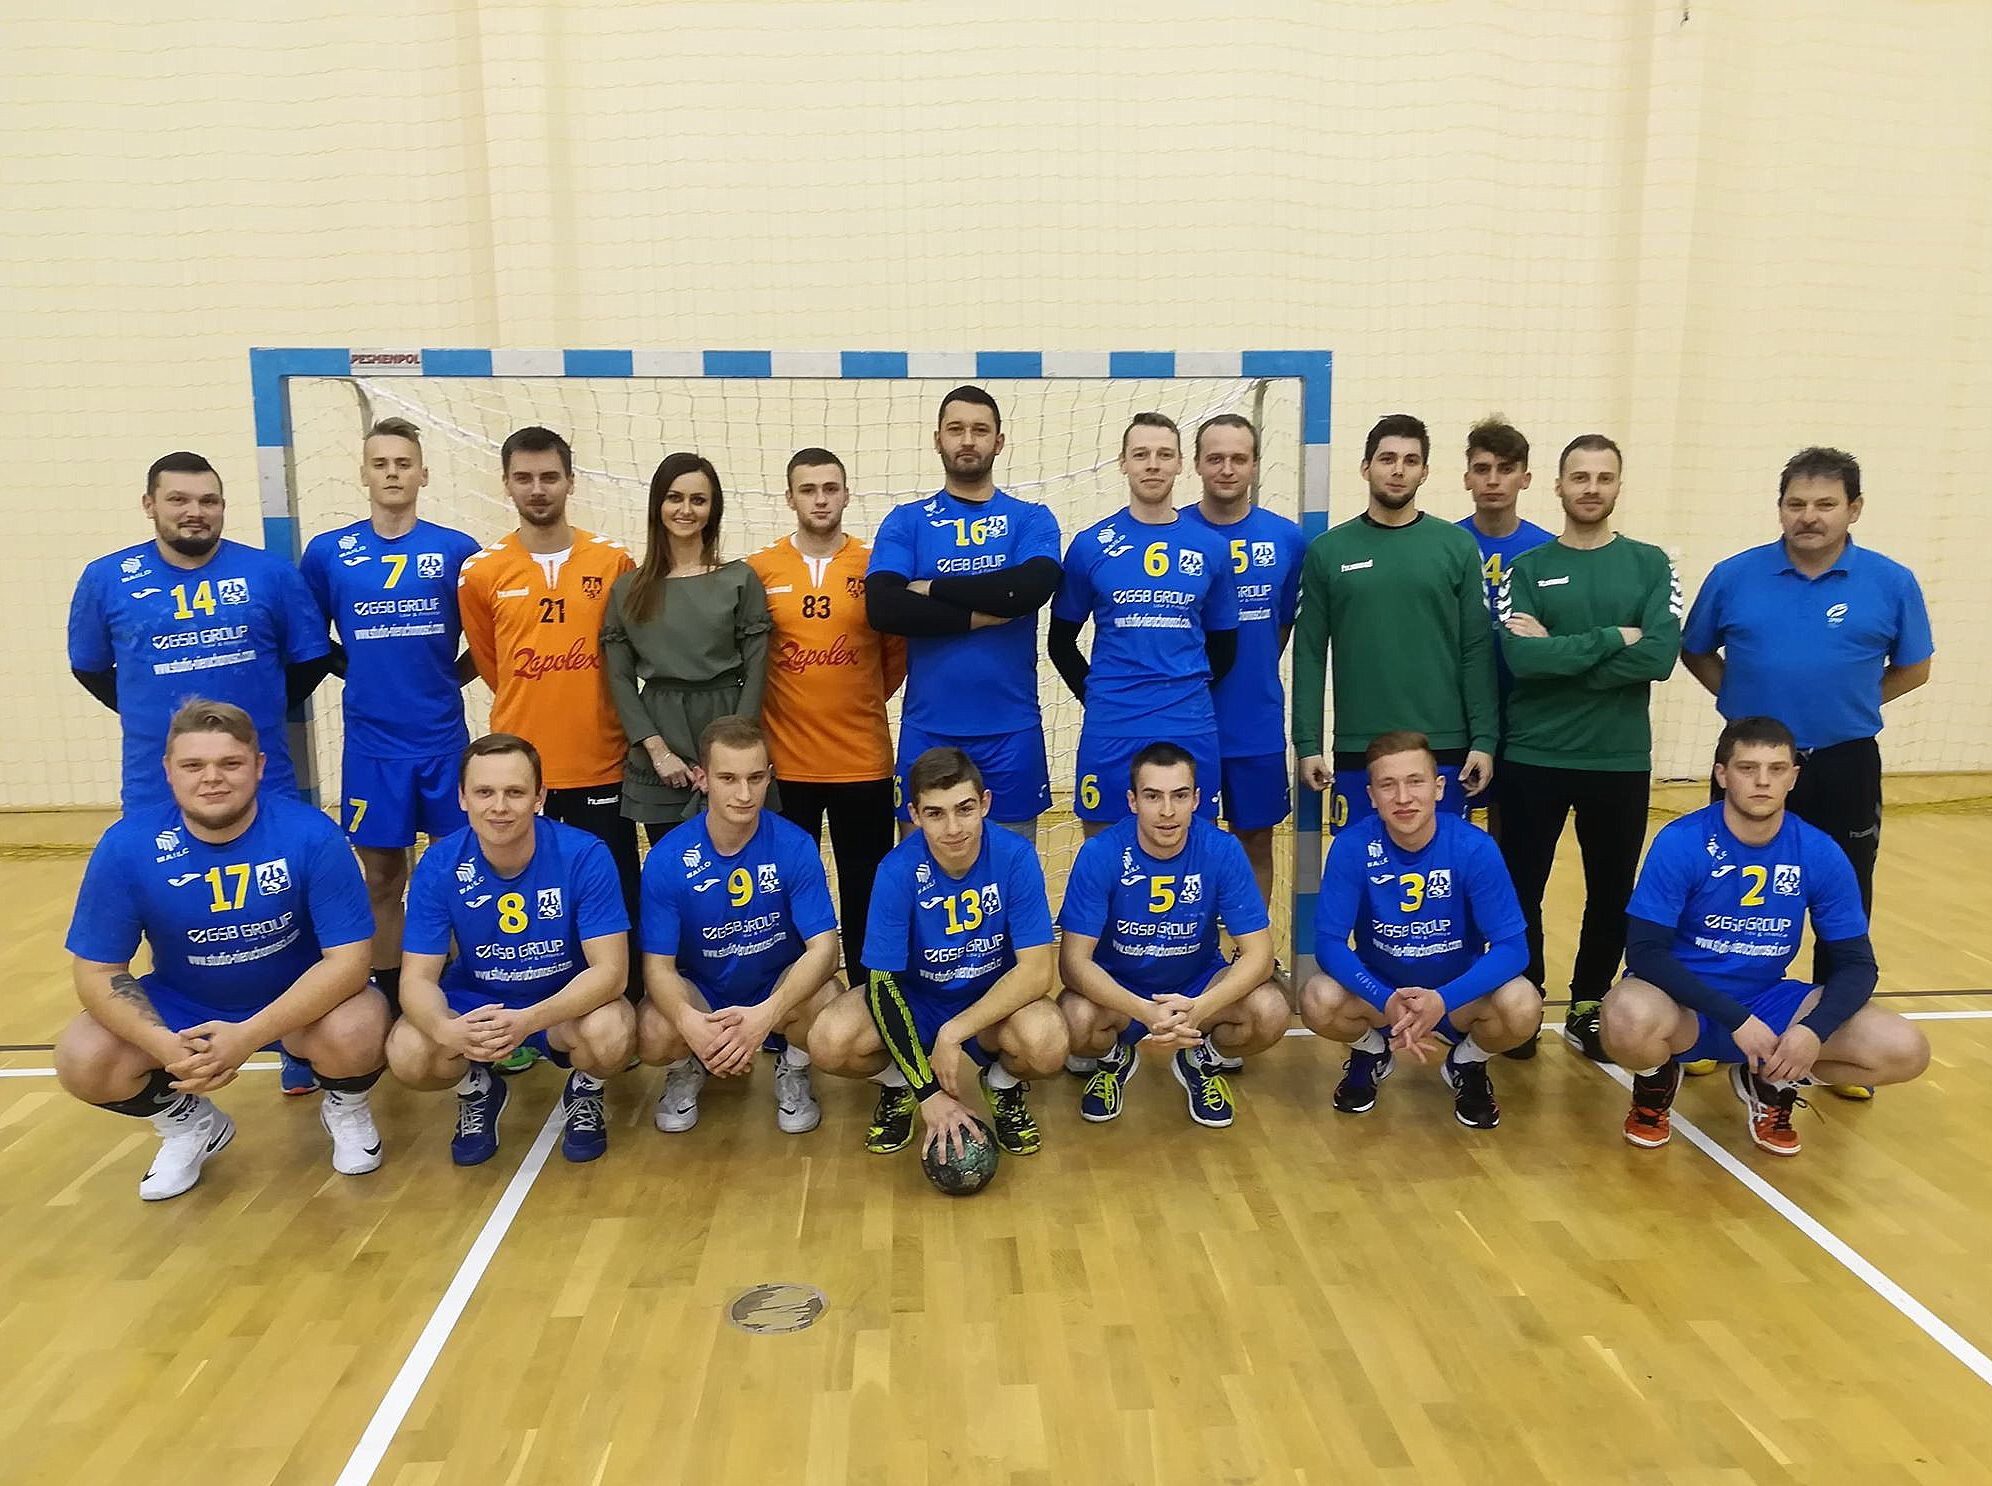 AZS UMK Toruń. Sekcja piłki ręcznej